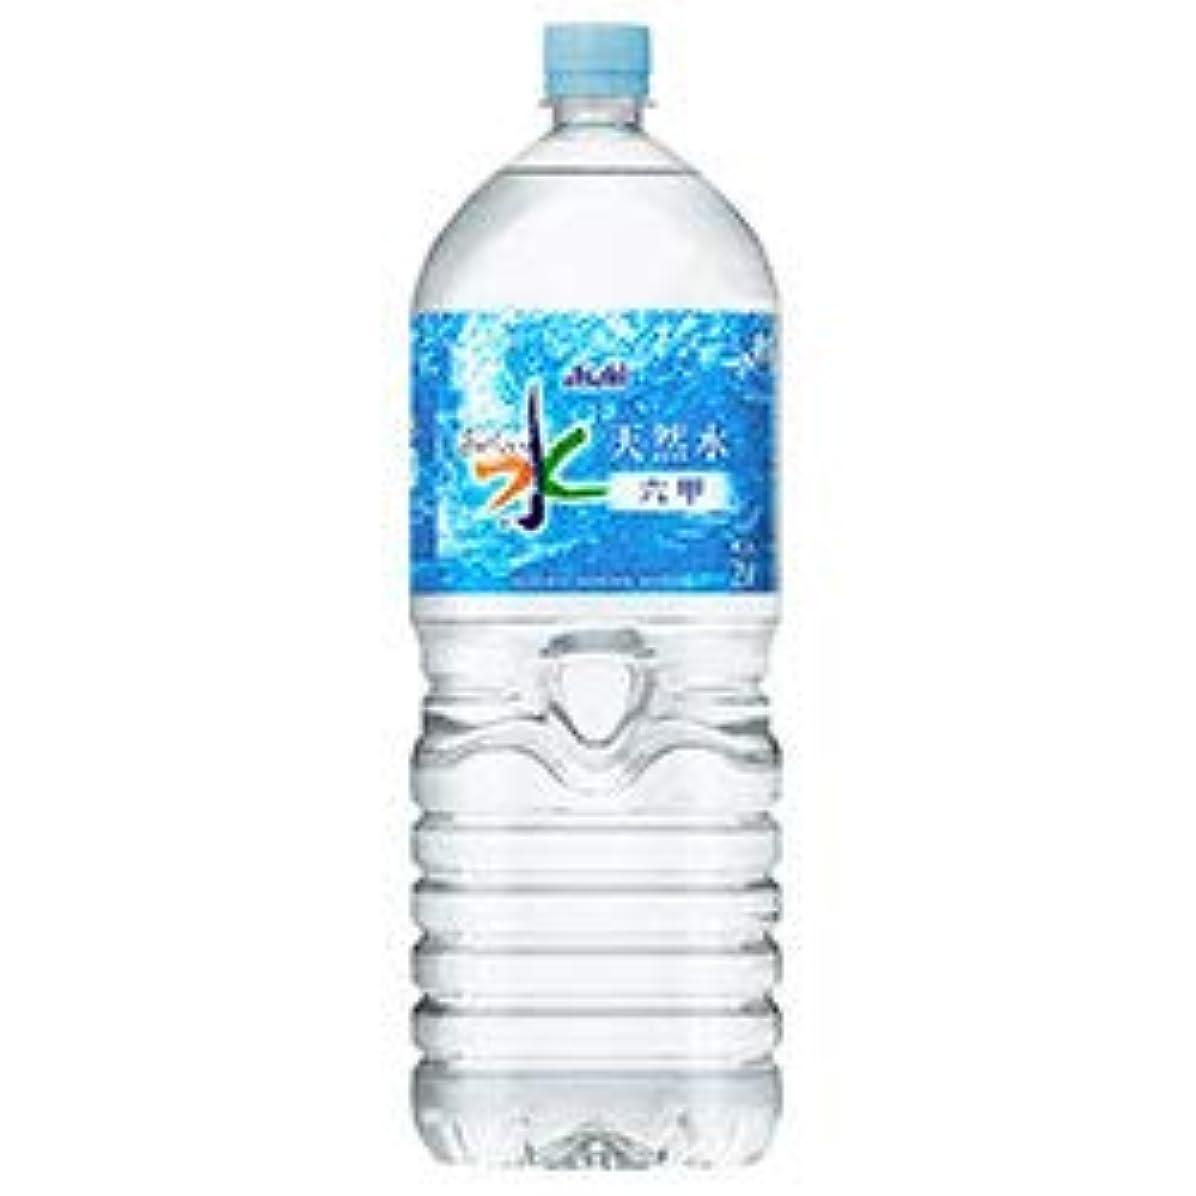 株式会社プラットフォーム預言者アサヒ飲料 おいしい水 天然水 六甲 2Lペットボトル×6本入×(2ケース)